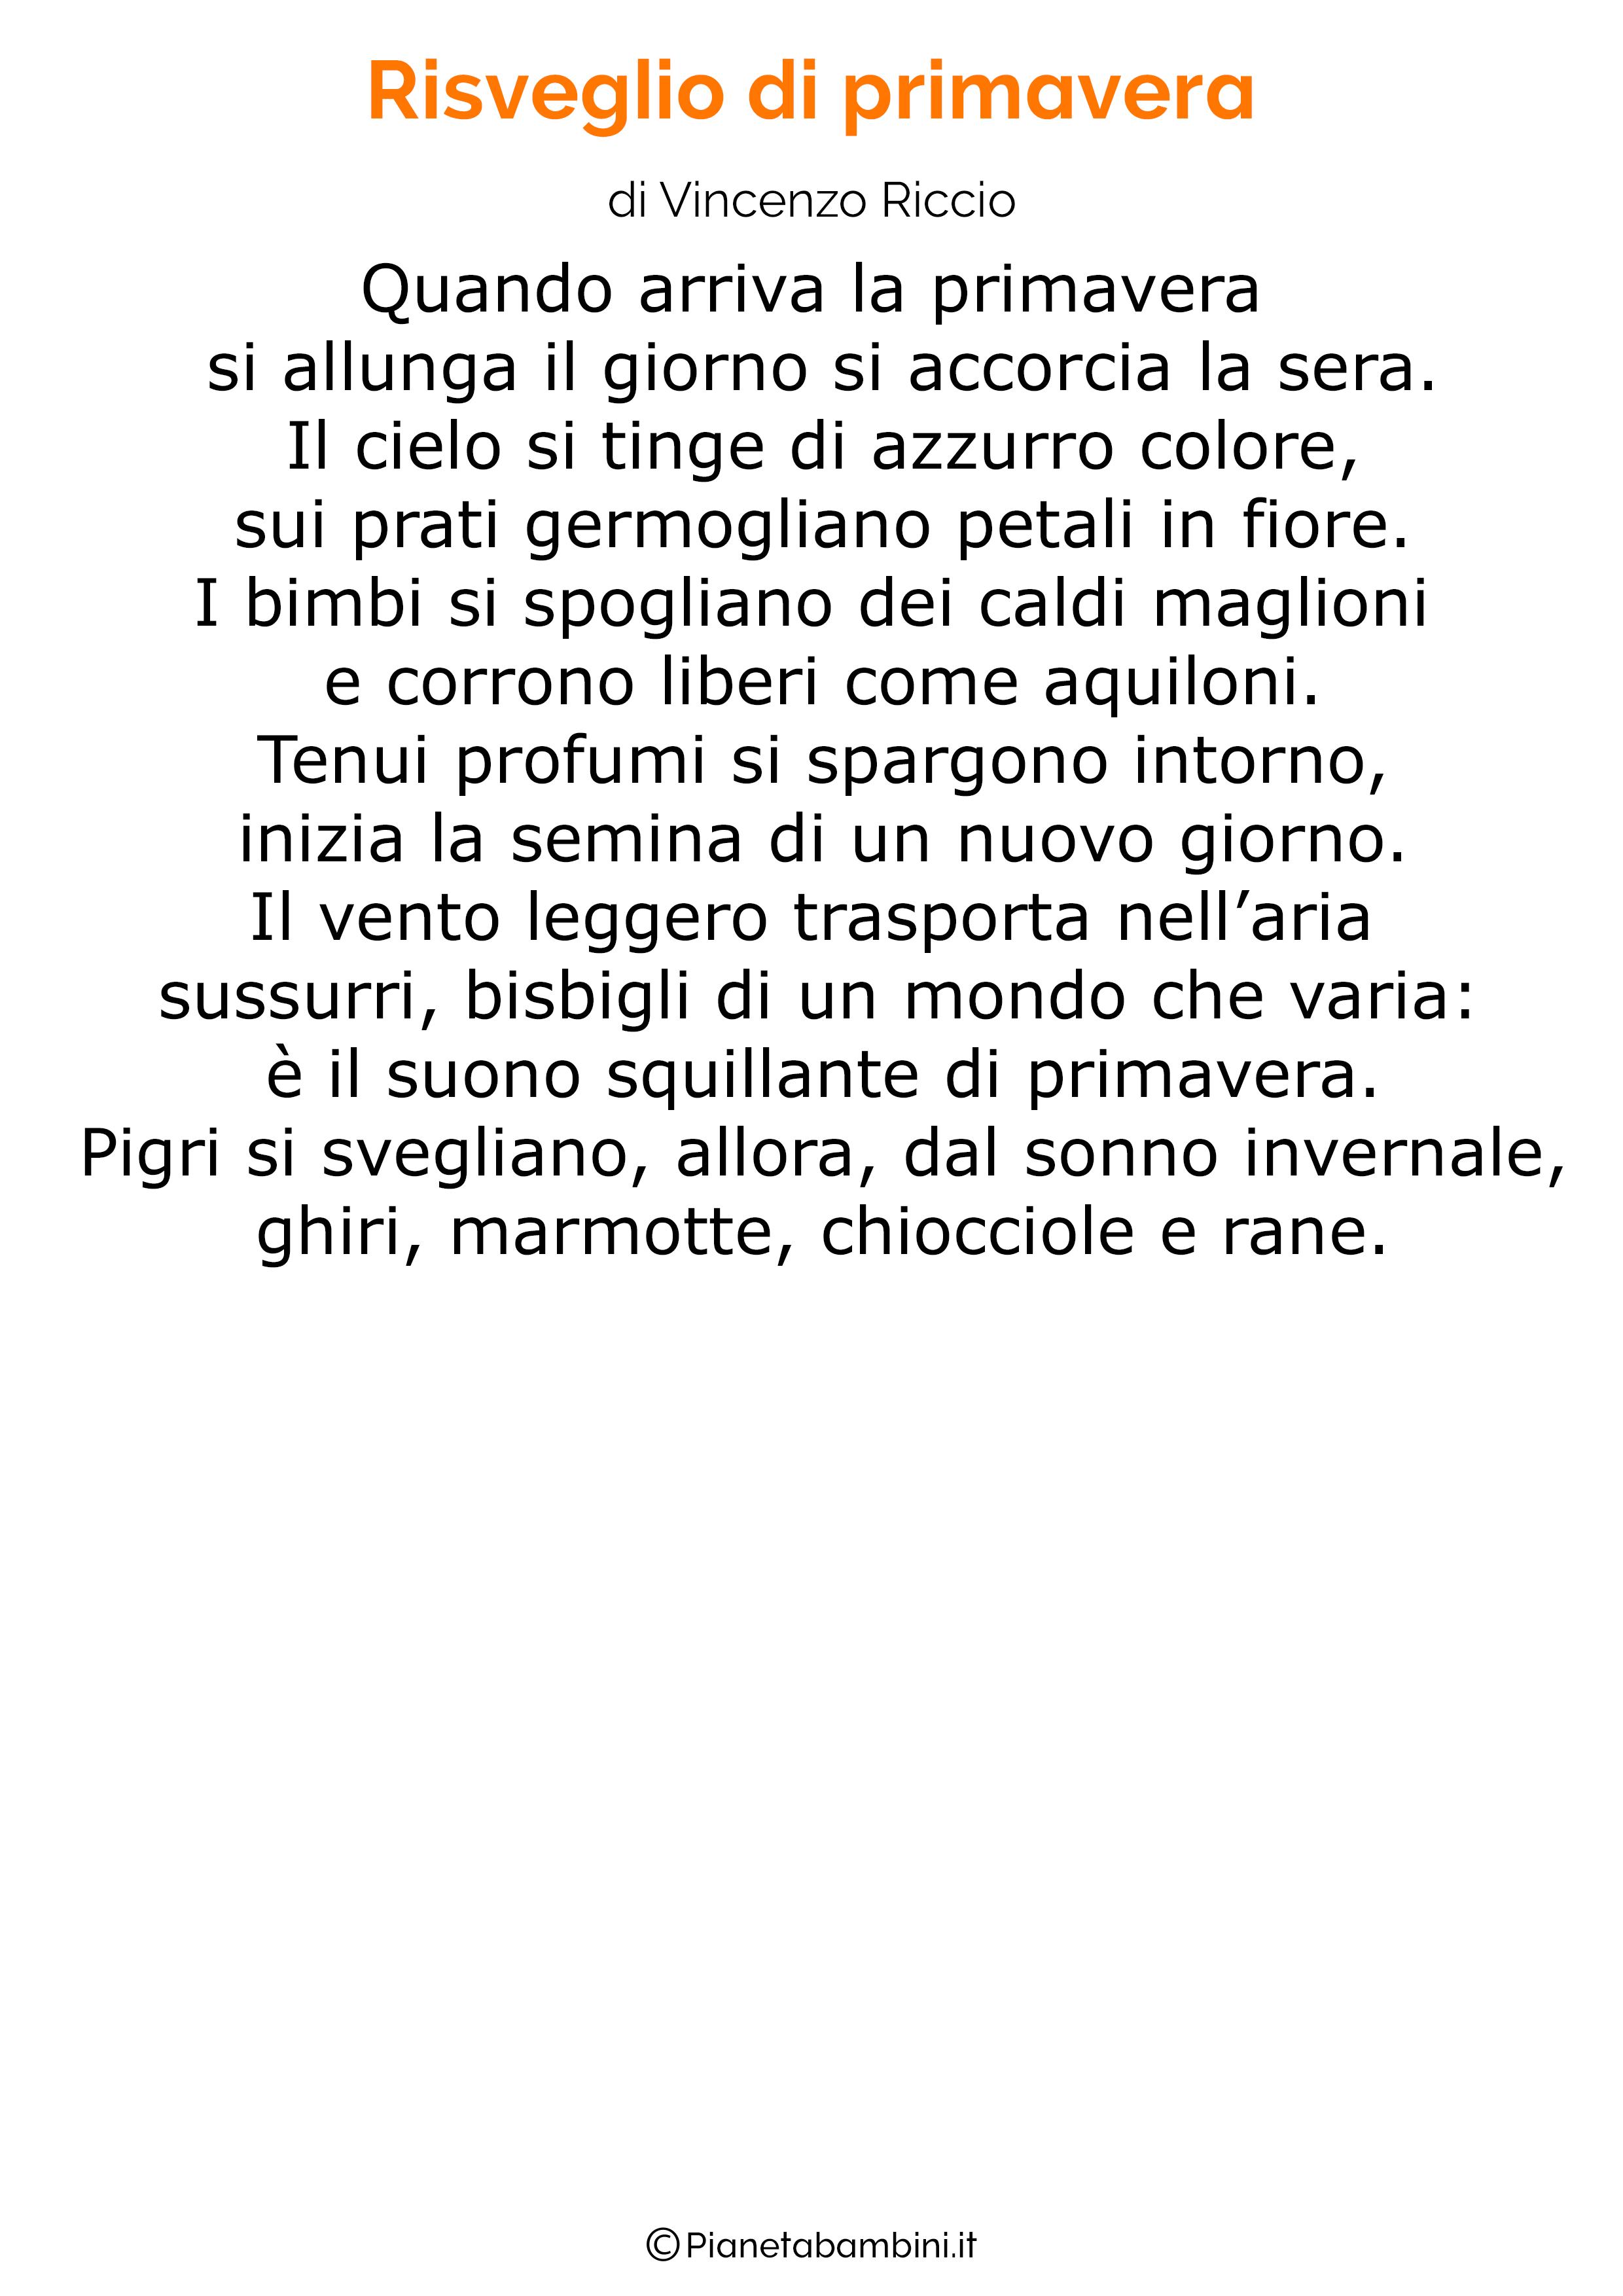 Poesia sulla Primavera 51